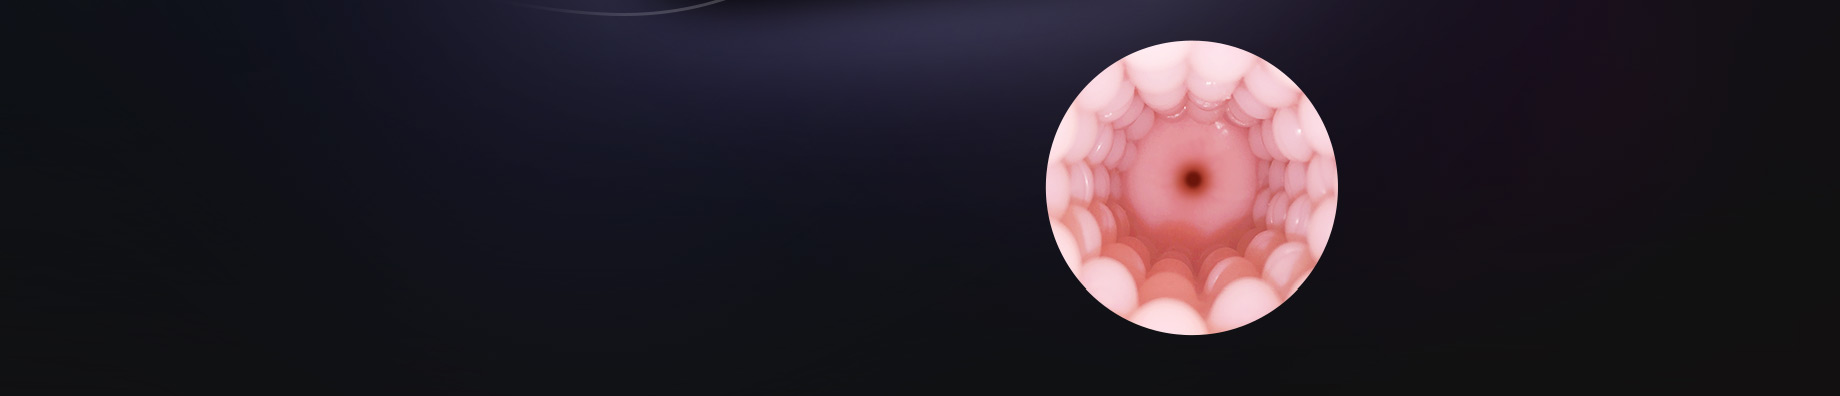 Realistic Artificial Vagina.